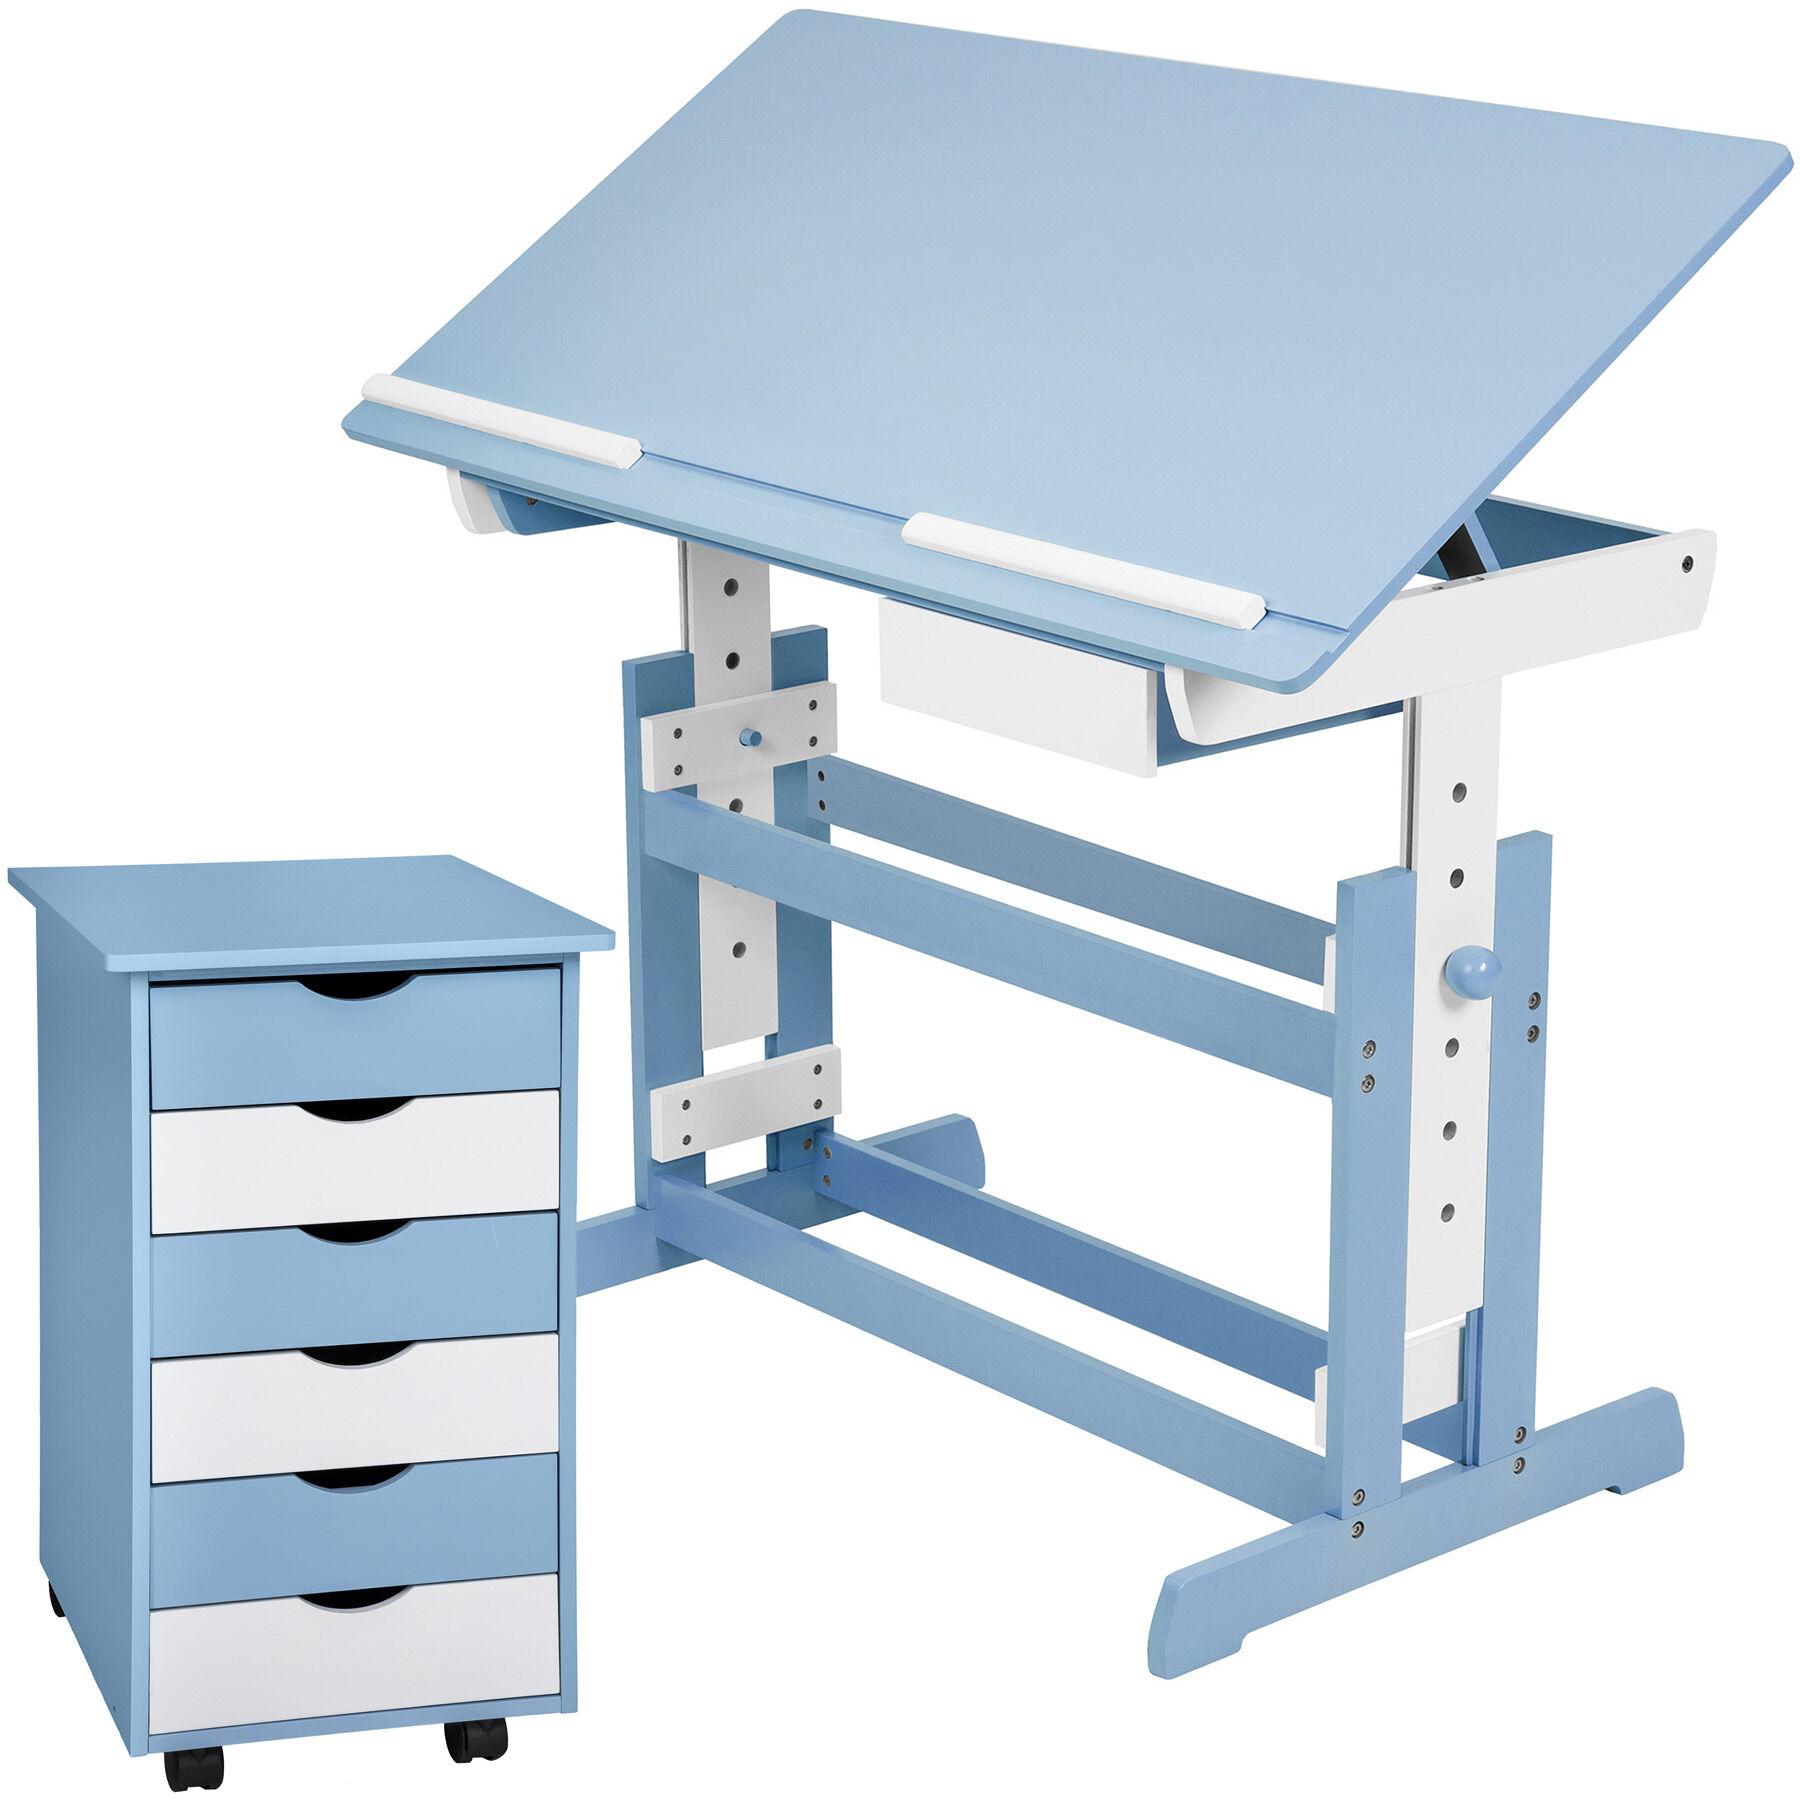 tectake Scrivania per bambini e cassettiera a rotelle - blu